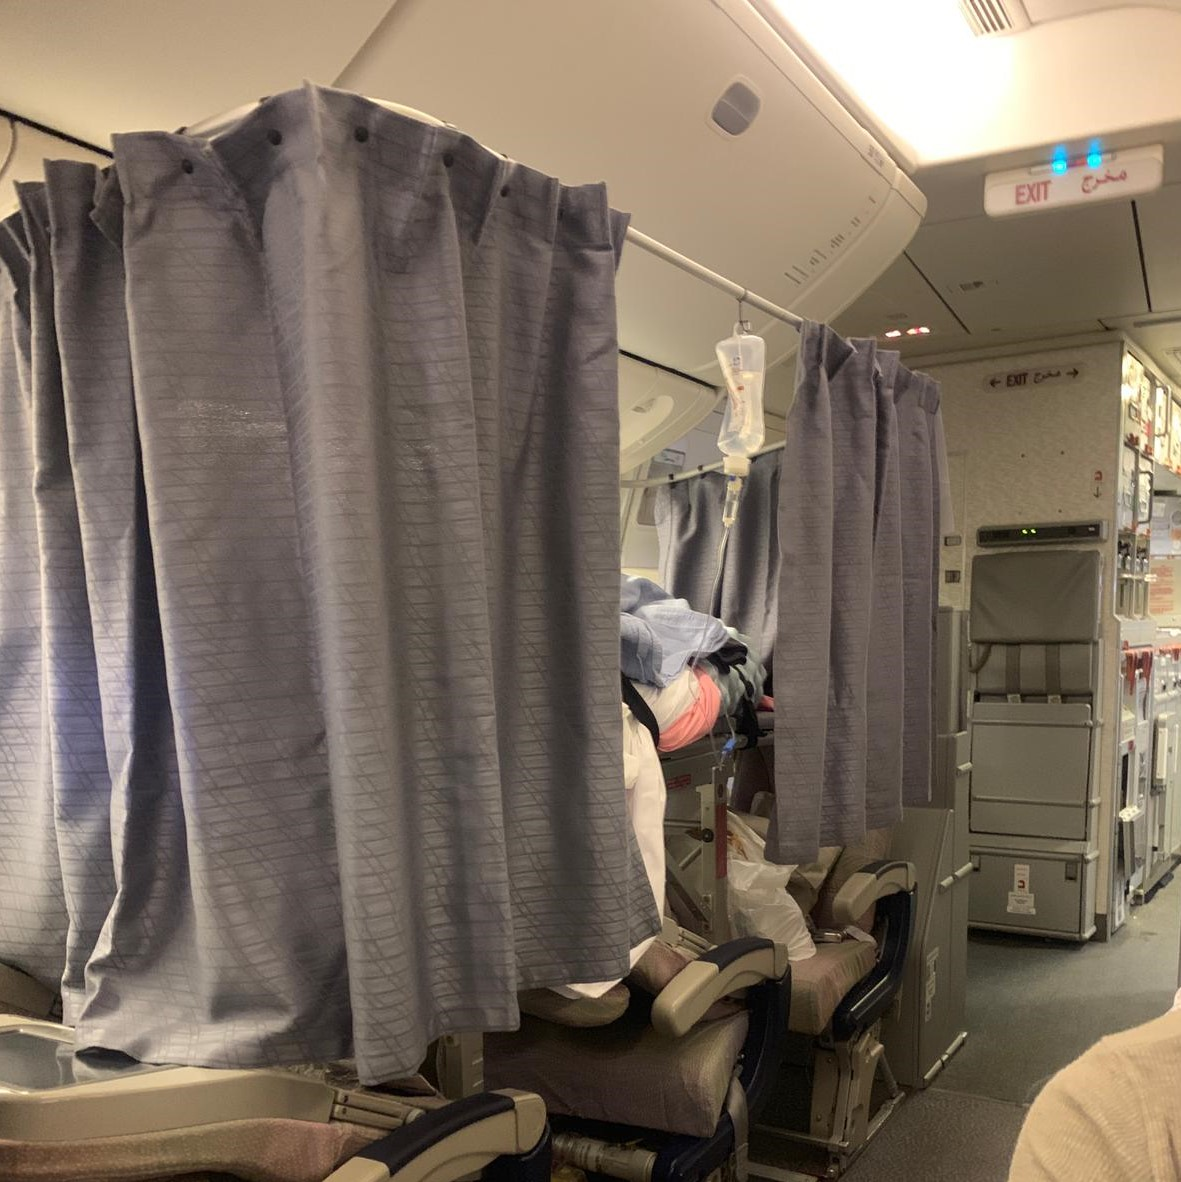 An Air Ambulance Alternative